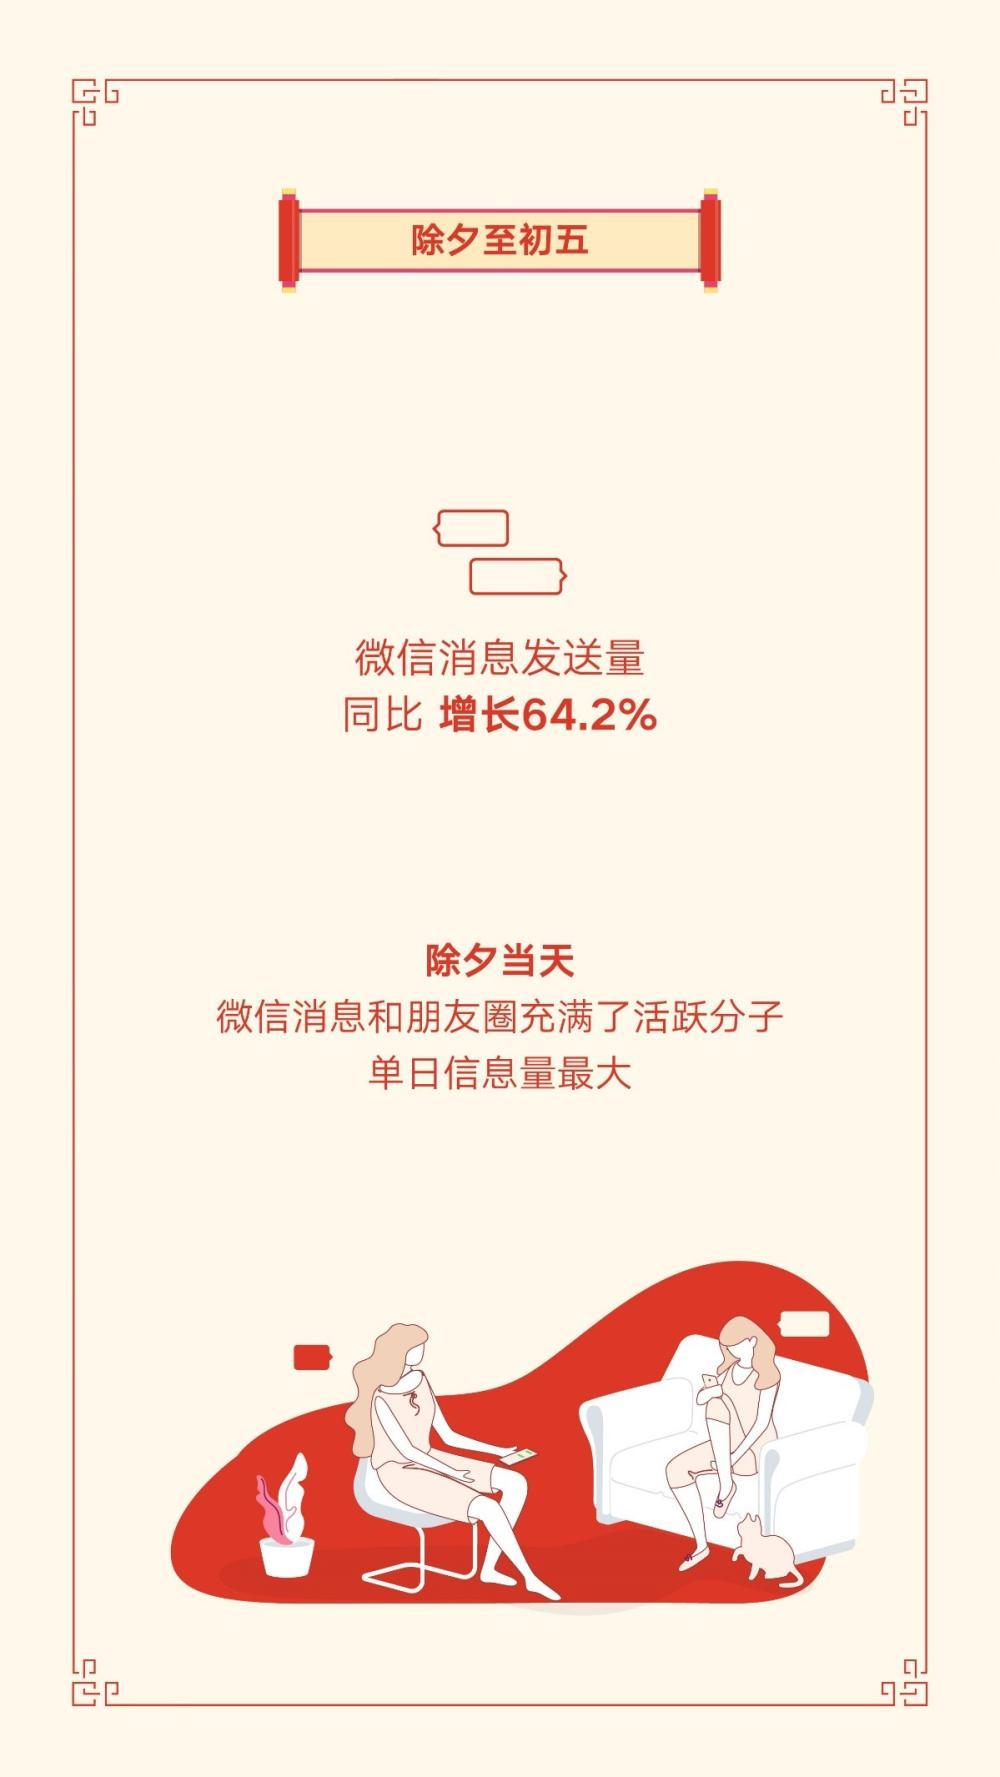 """微信发布2019春节数据报告:8.23亿人收发红包 北京成""""年度红包城市"""